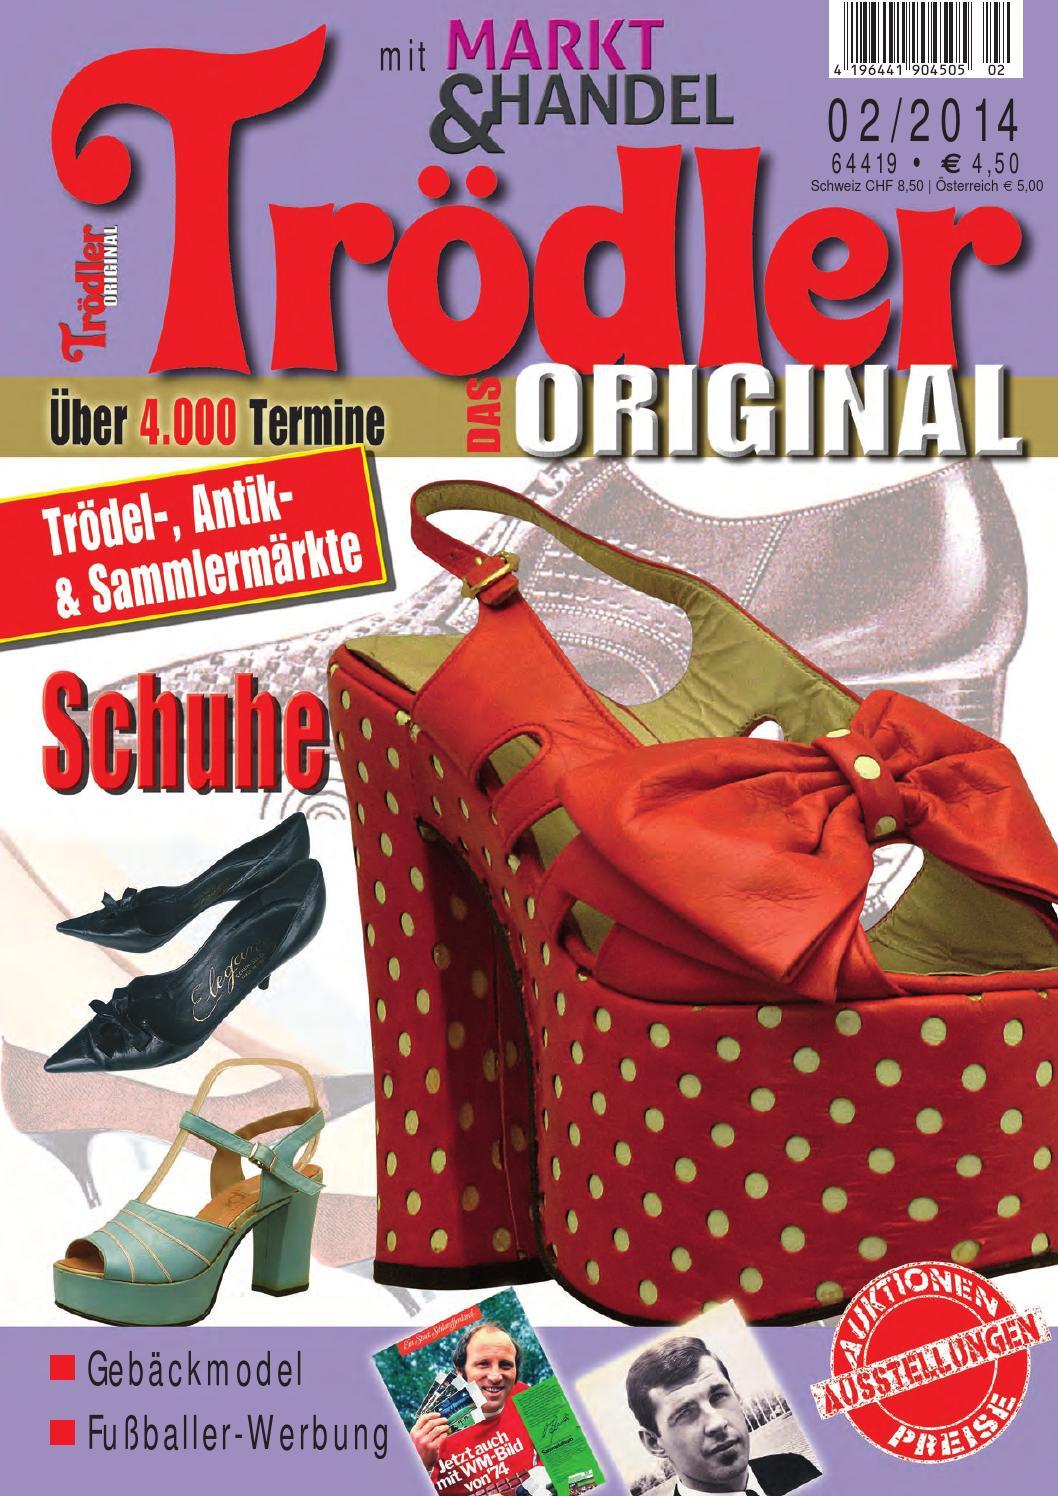 Details zu adidas Hansi Müller Schuhe Fußballschuhe 1980s Vintage 5½ Herren Neuwertig